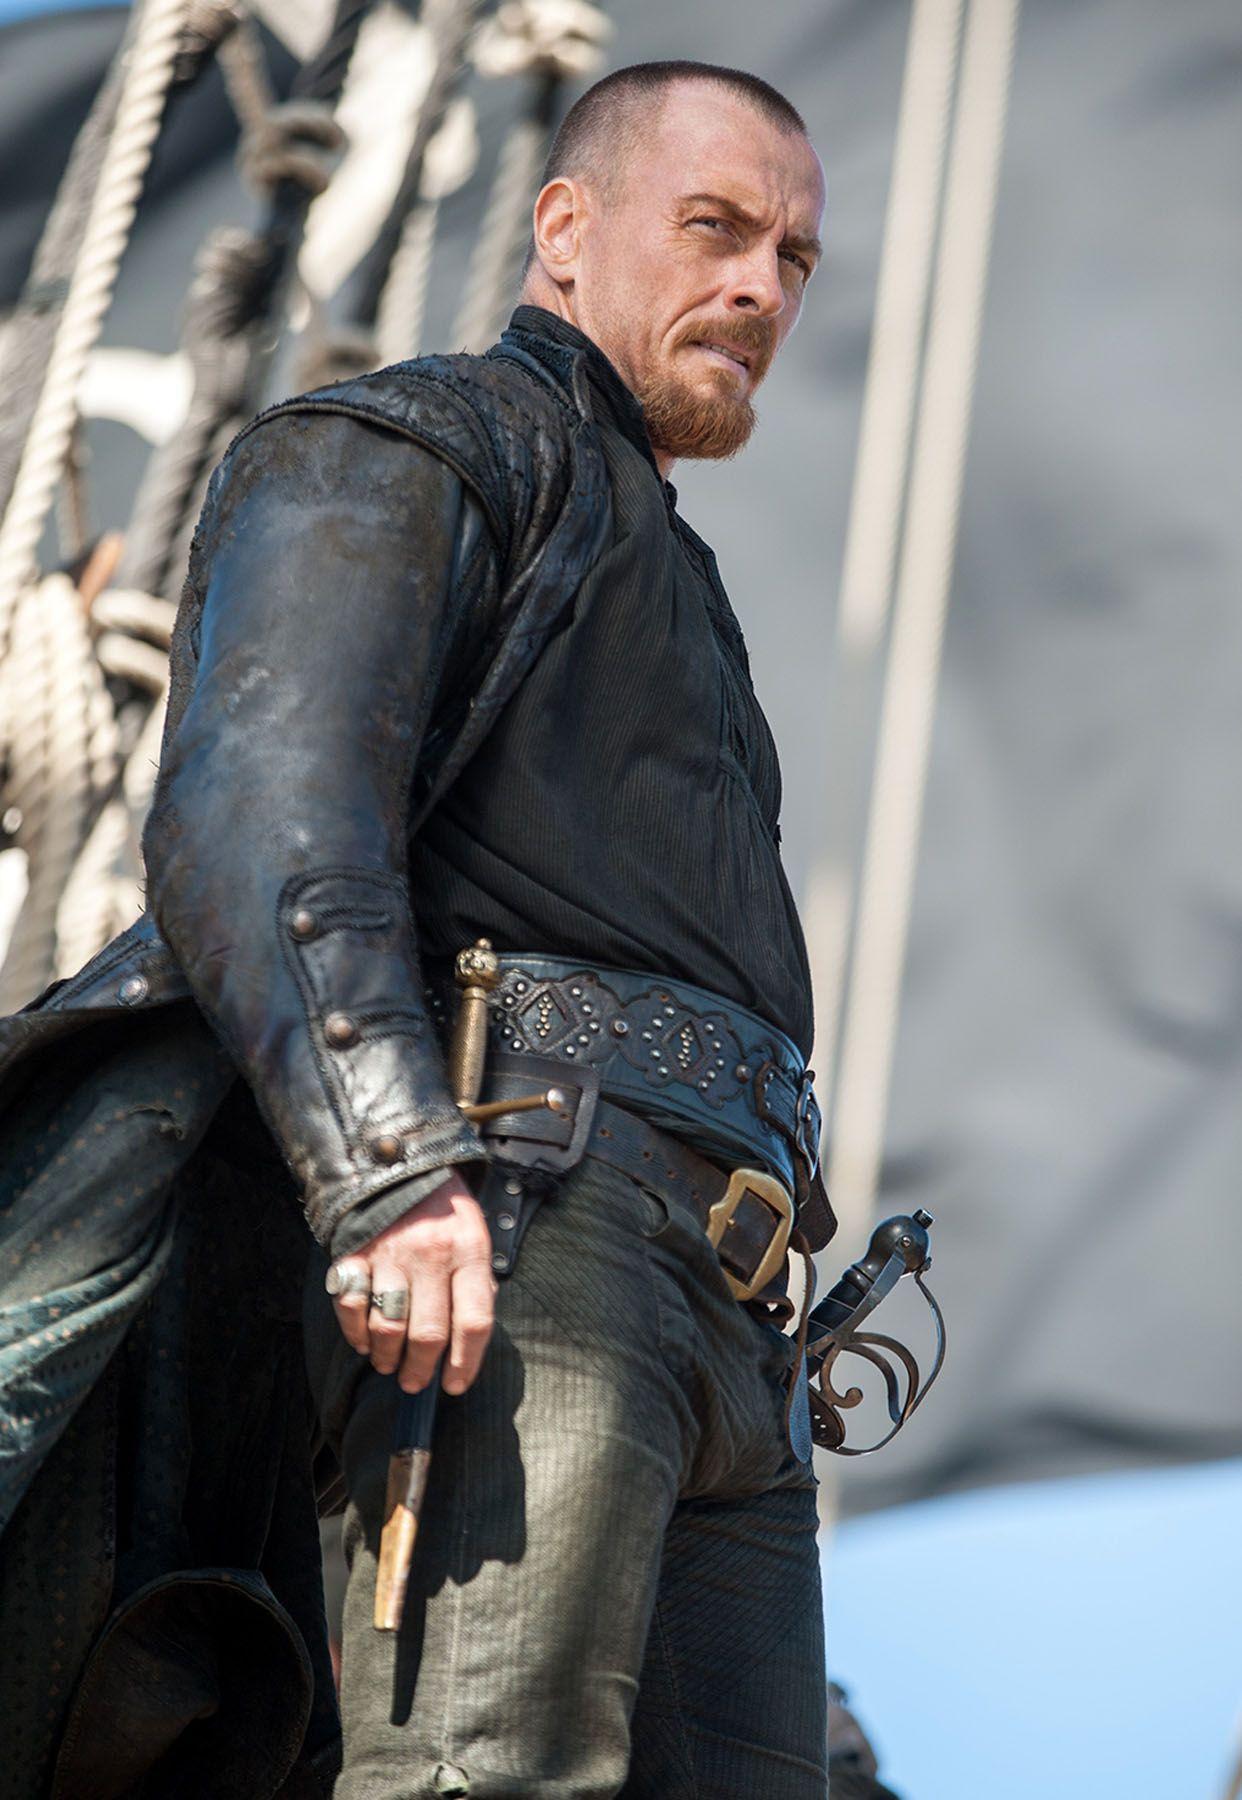 Black sails s3 pirate captain flint leather coat - Black Sails Season 3 Toby Stephens 02